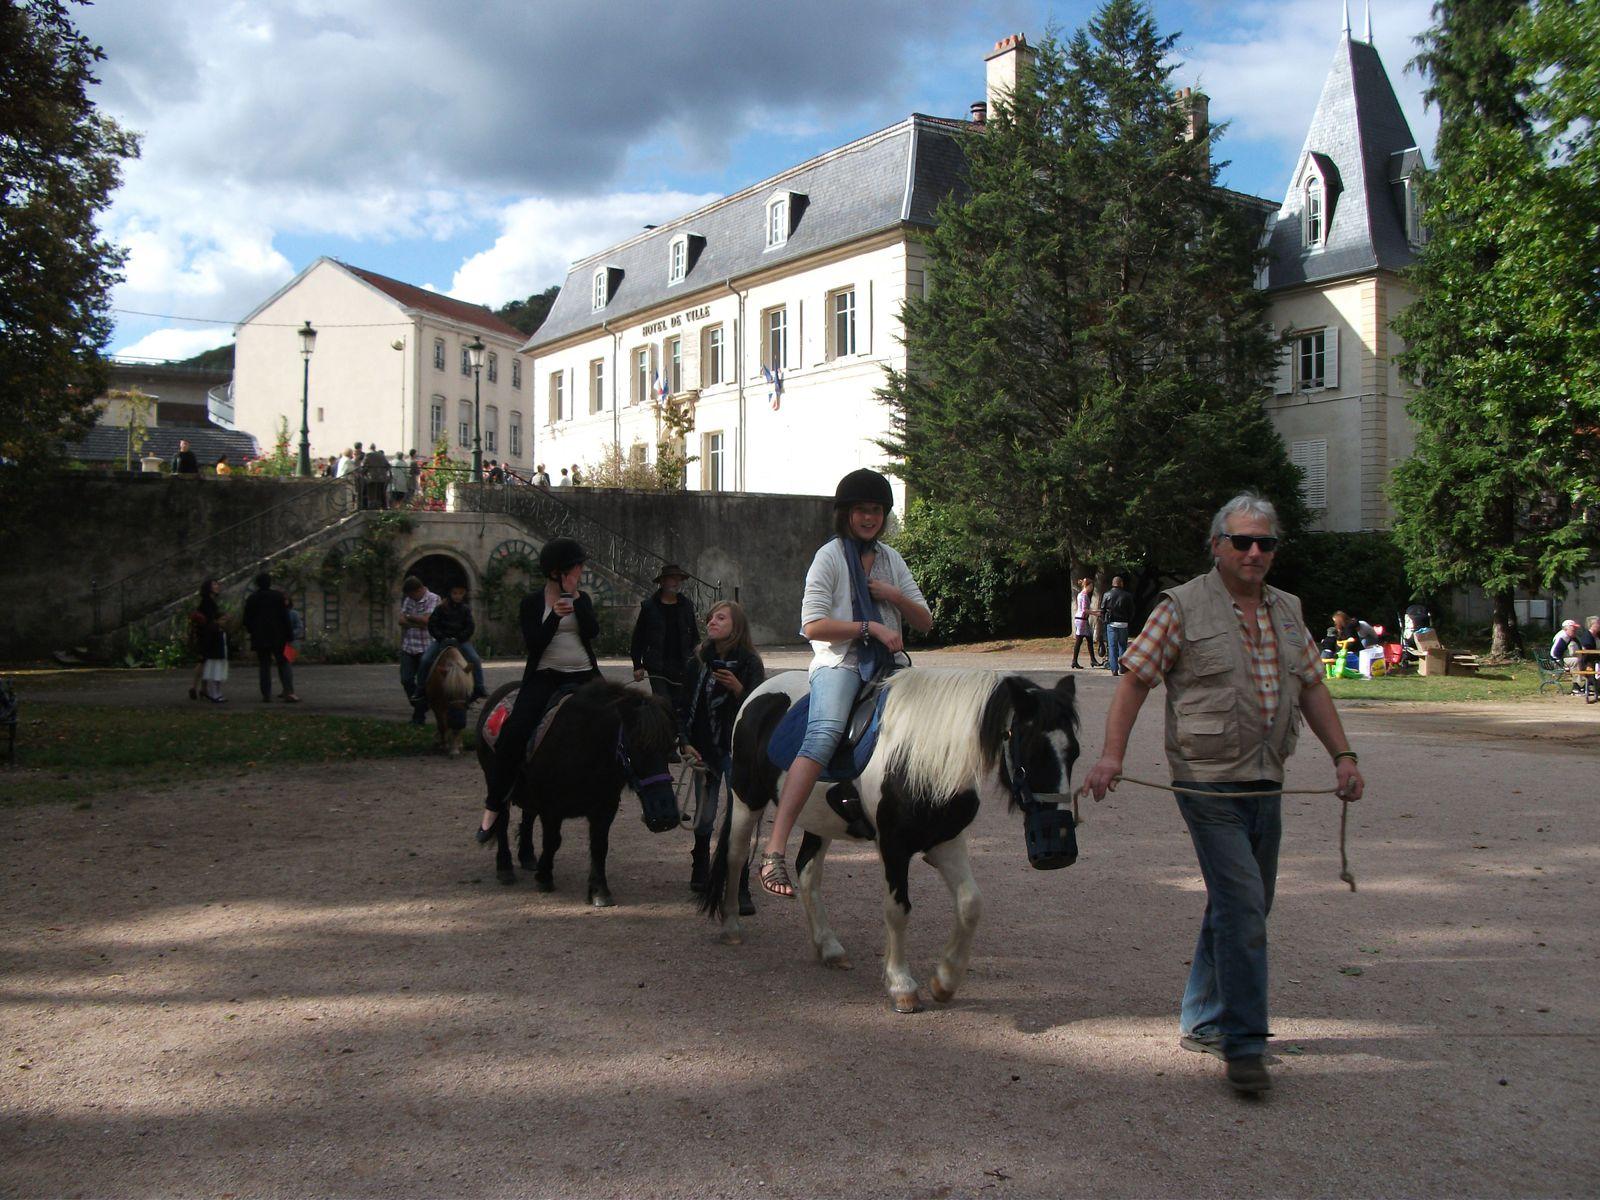 Alors voilà, soleil ou pas, pluie ou pas, bah, venez faire la fête avec nous au Parc de la Mairie de Maxéville !...